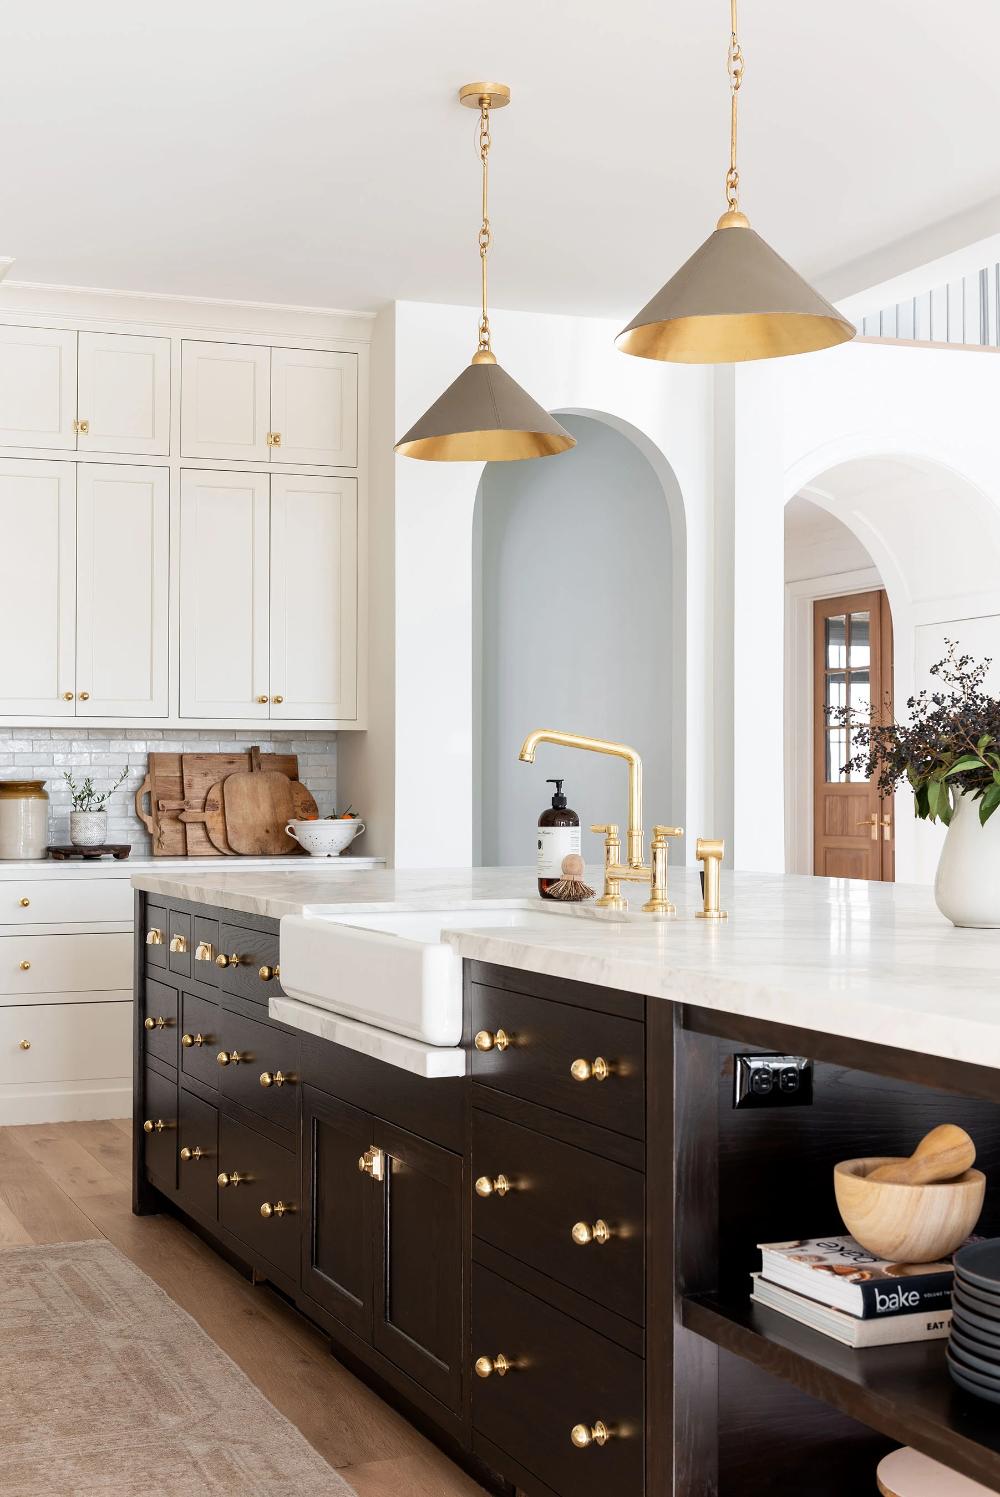 Pin on Luxury Kitchen Design